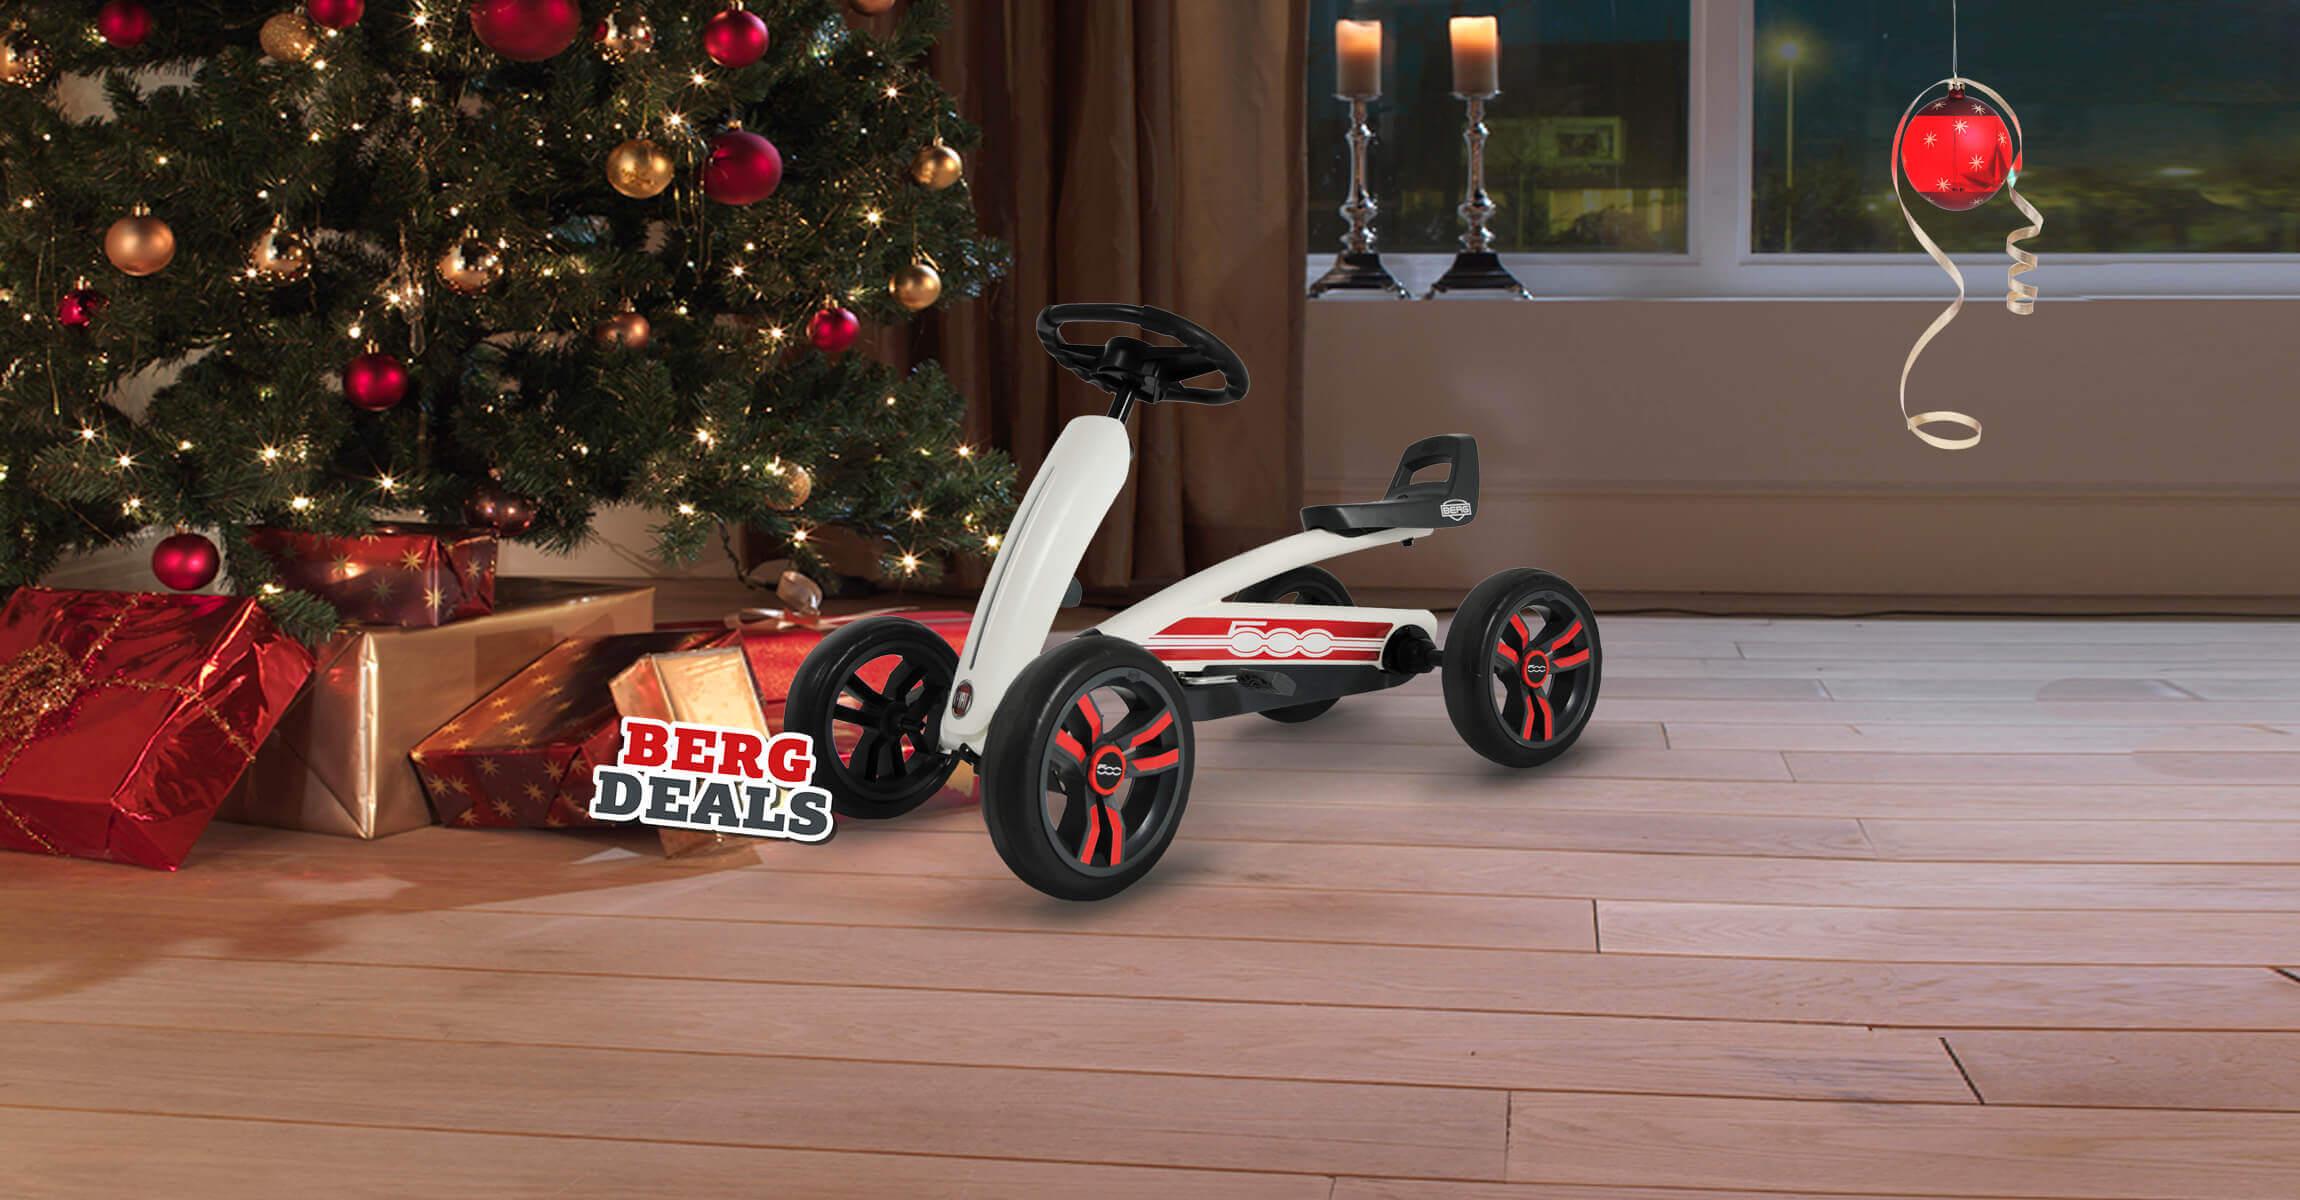 BERG Buzzy zu Weihnachten schenken - gokart-profi.de